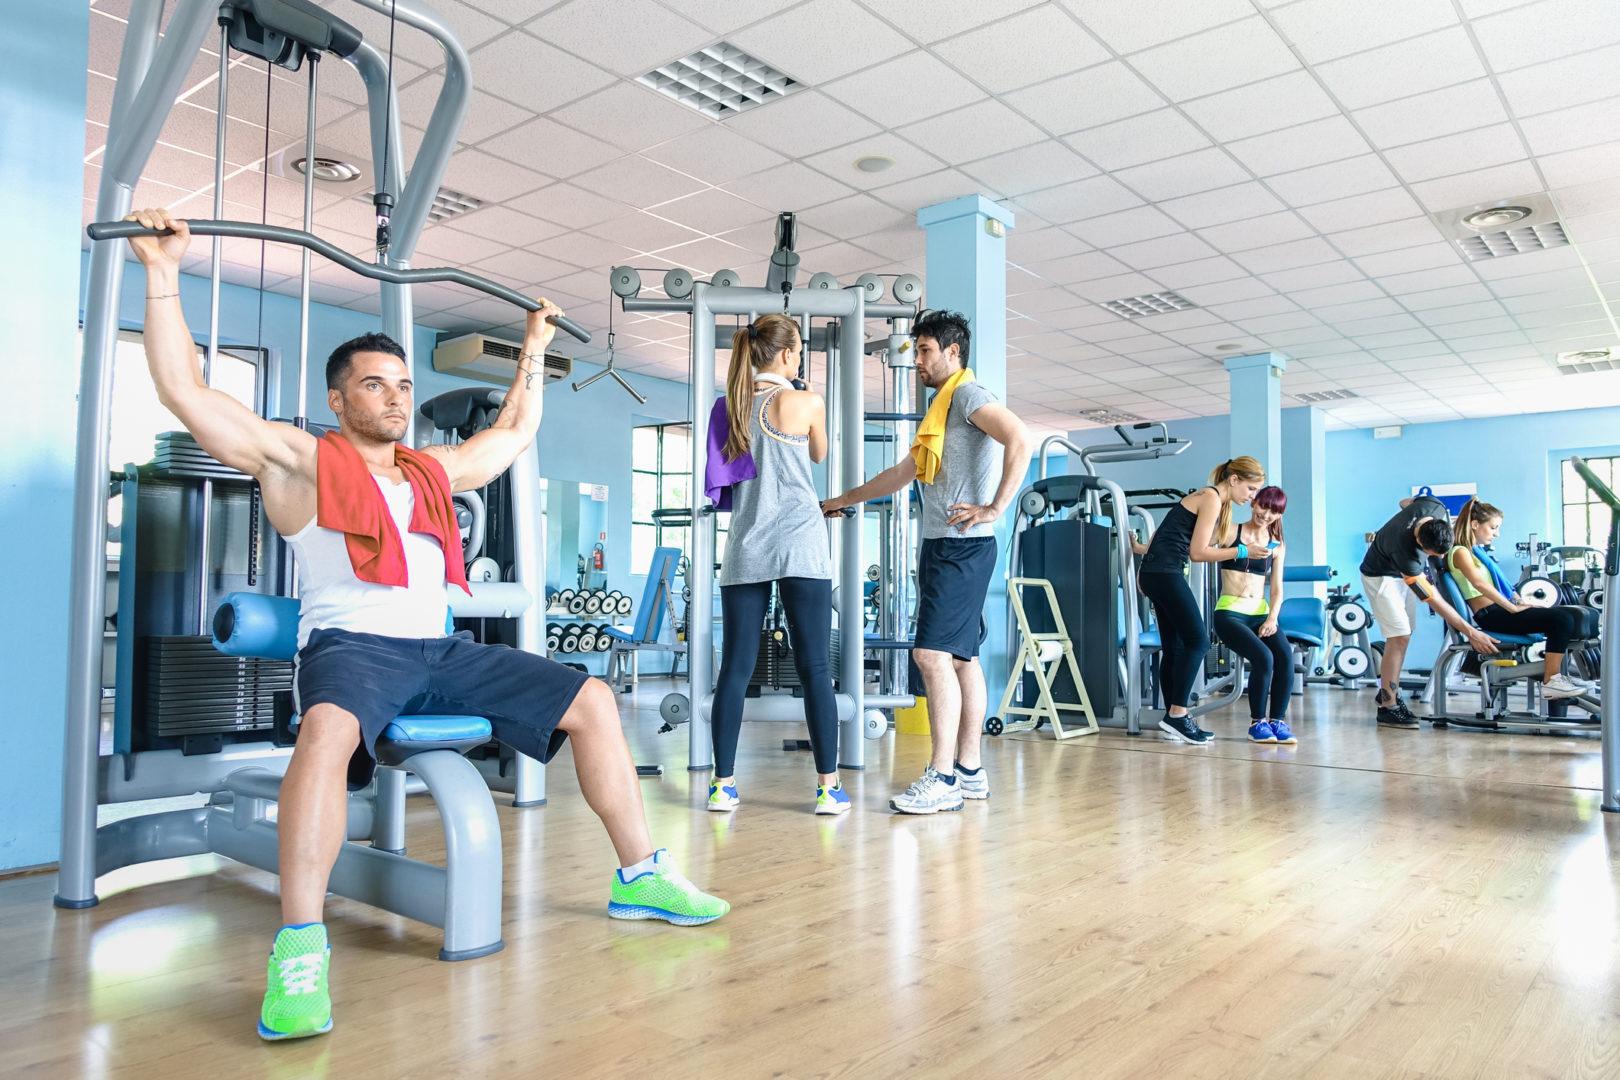 Das Fitnessstudio ist nur eine Möglichkeit um im Winter zu trainieren